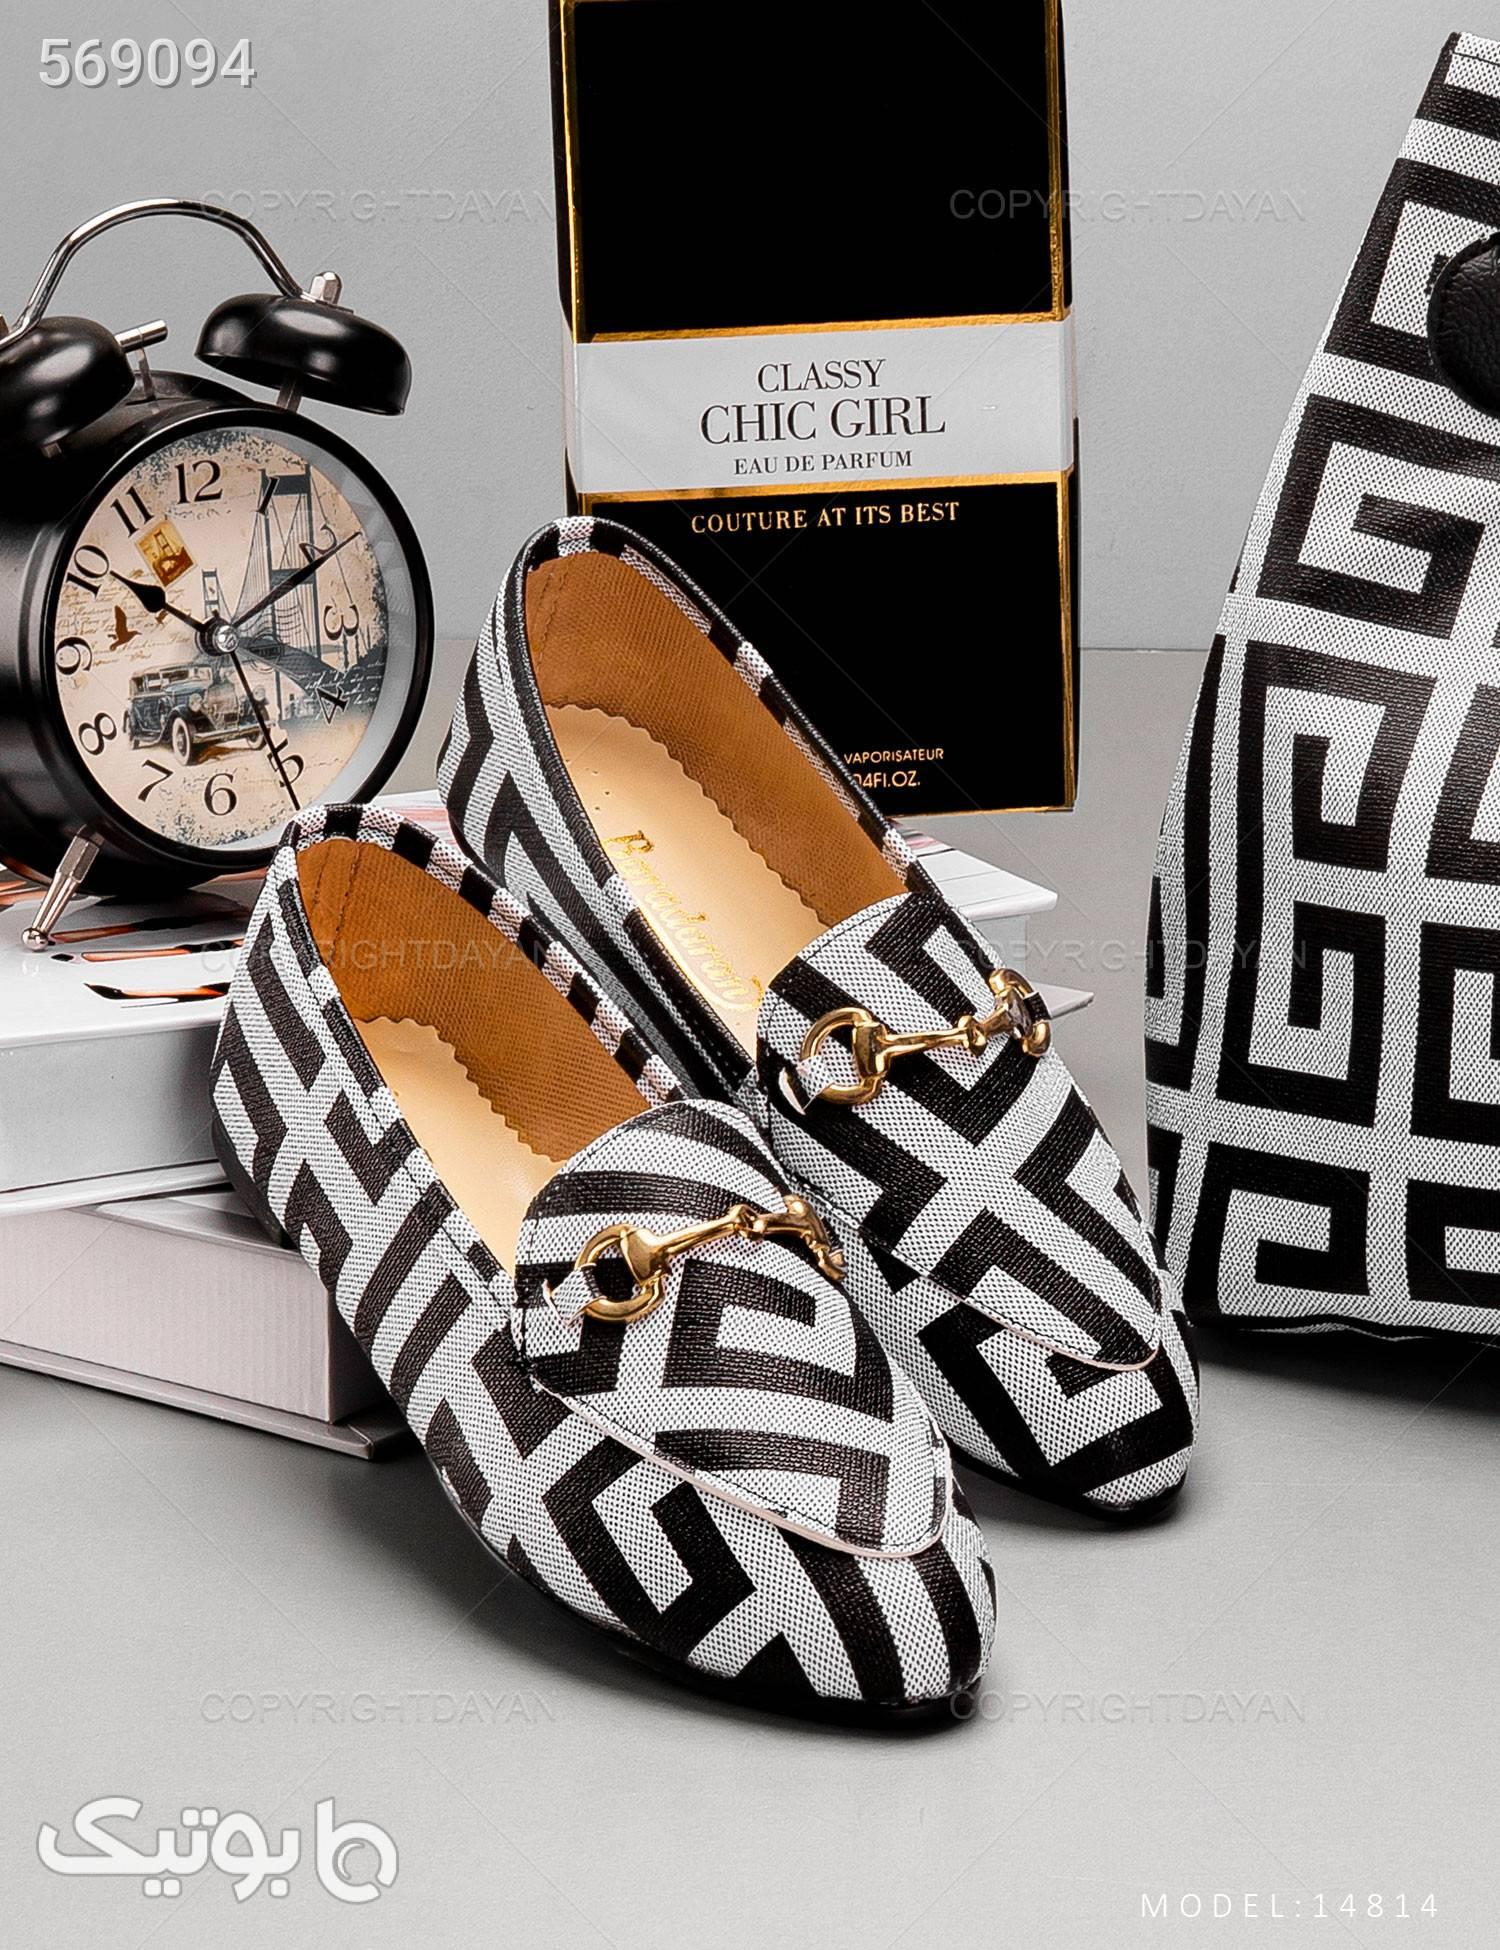 ست کیف و کفش زنانه Versace مدل 14814 مشکی ست کیف و کفش زنانه